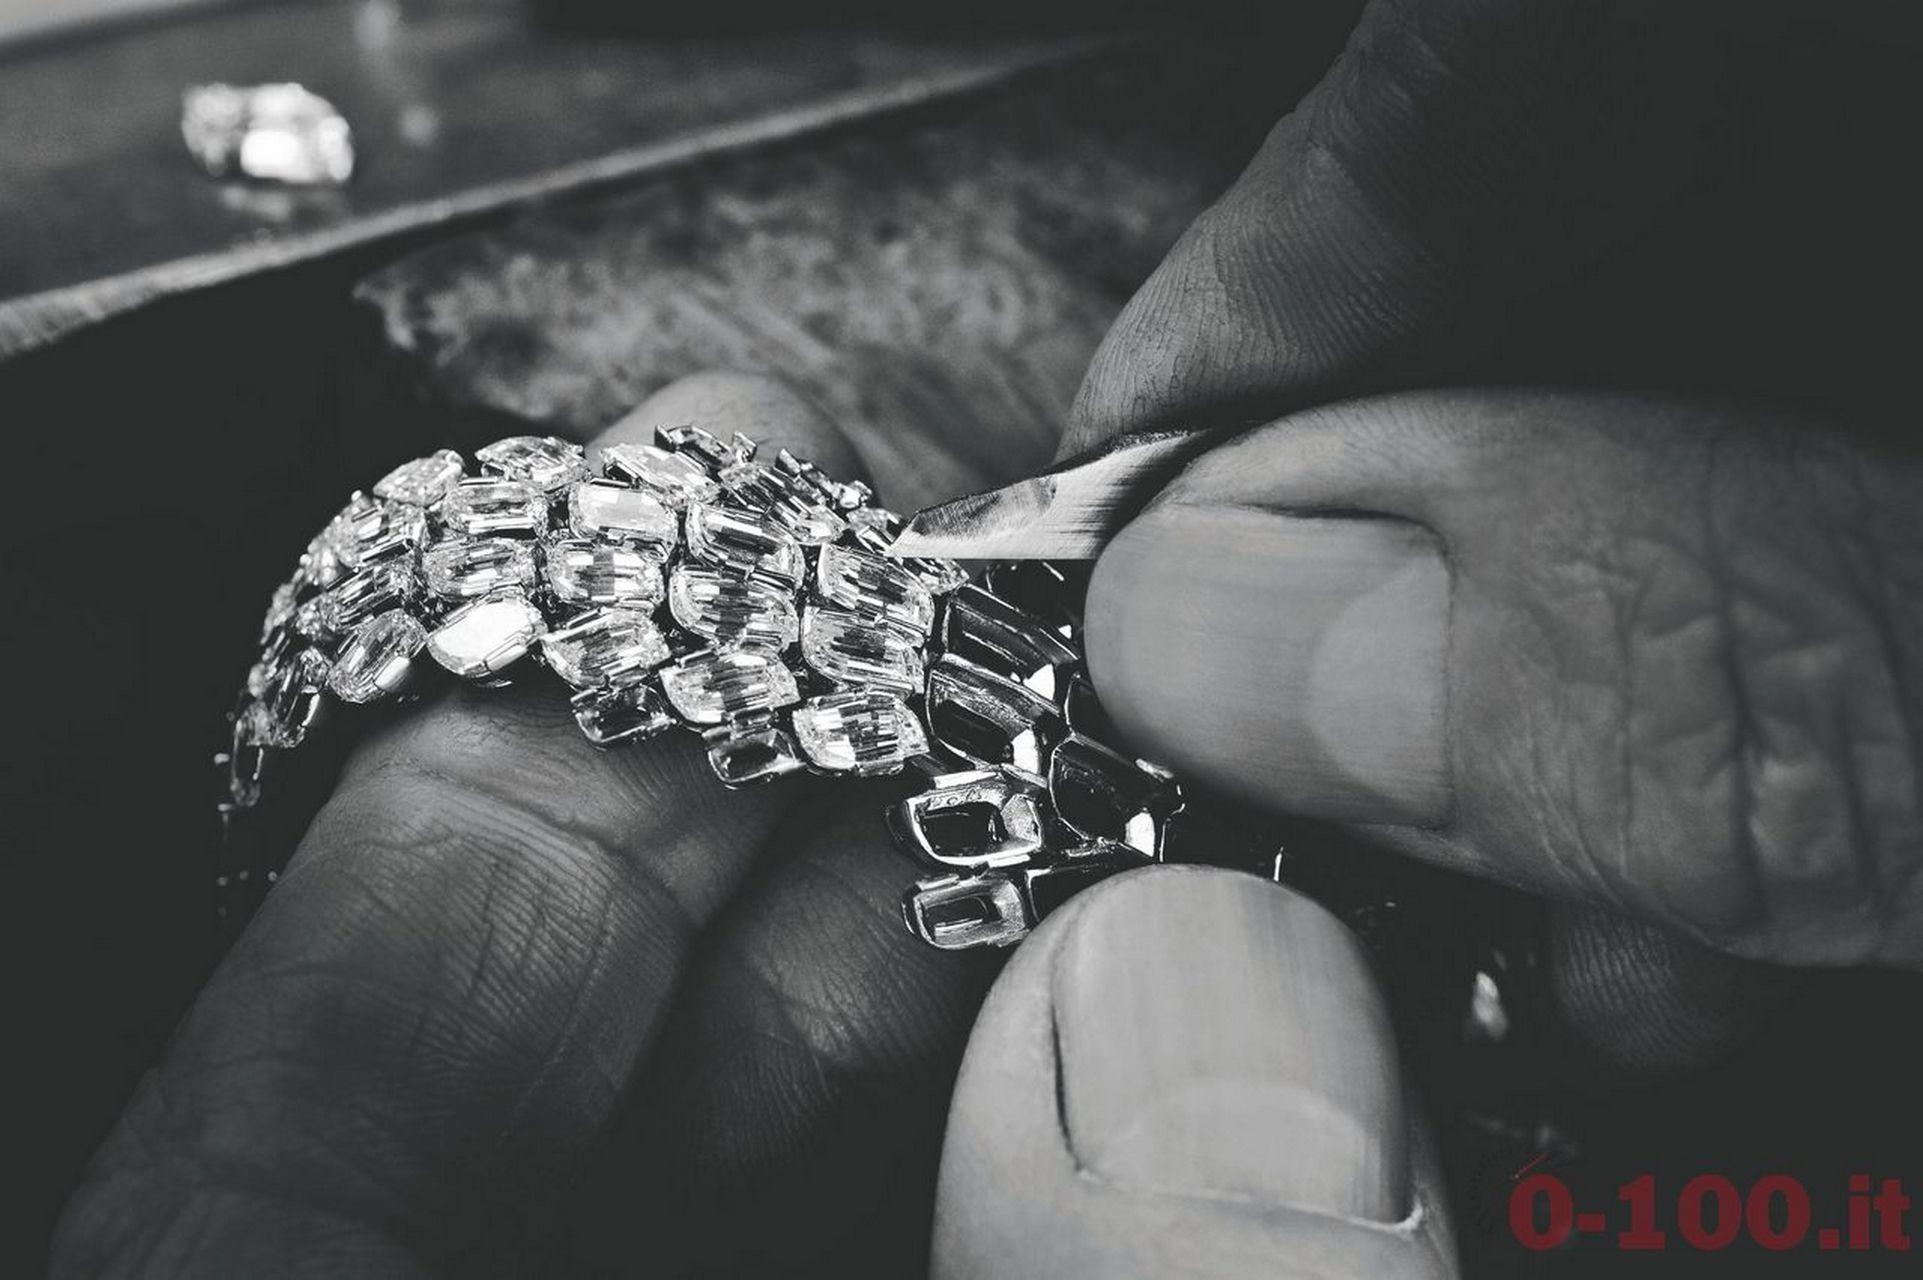 vacheron-constantin-guillochage_metiers-dart-mecaniques-ajourees_0-1001